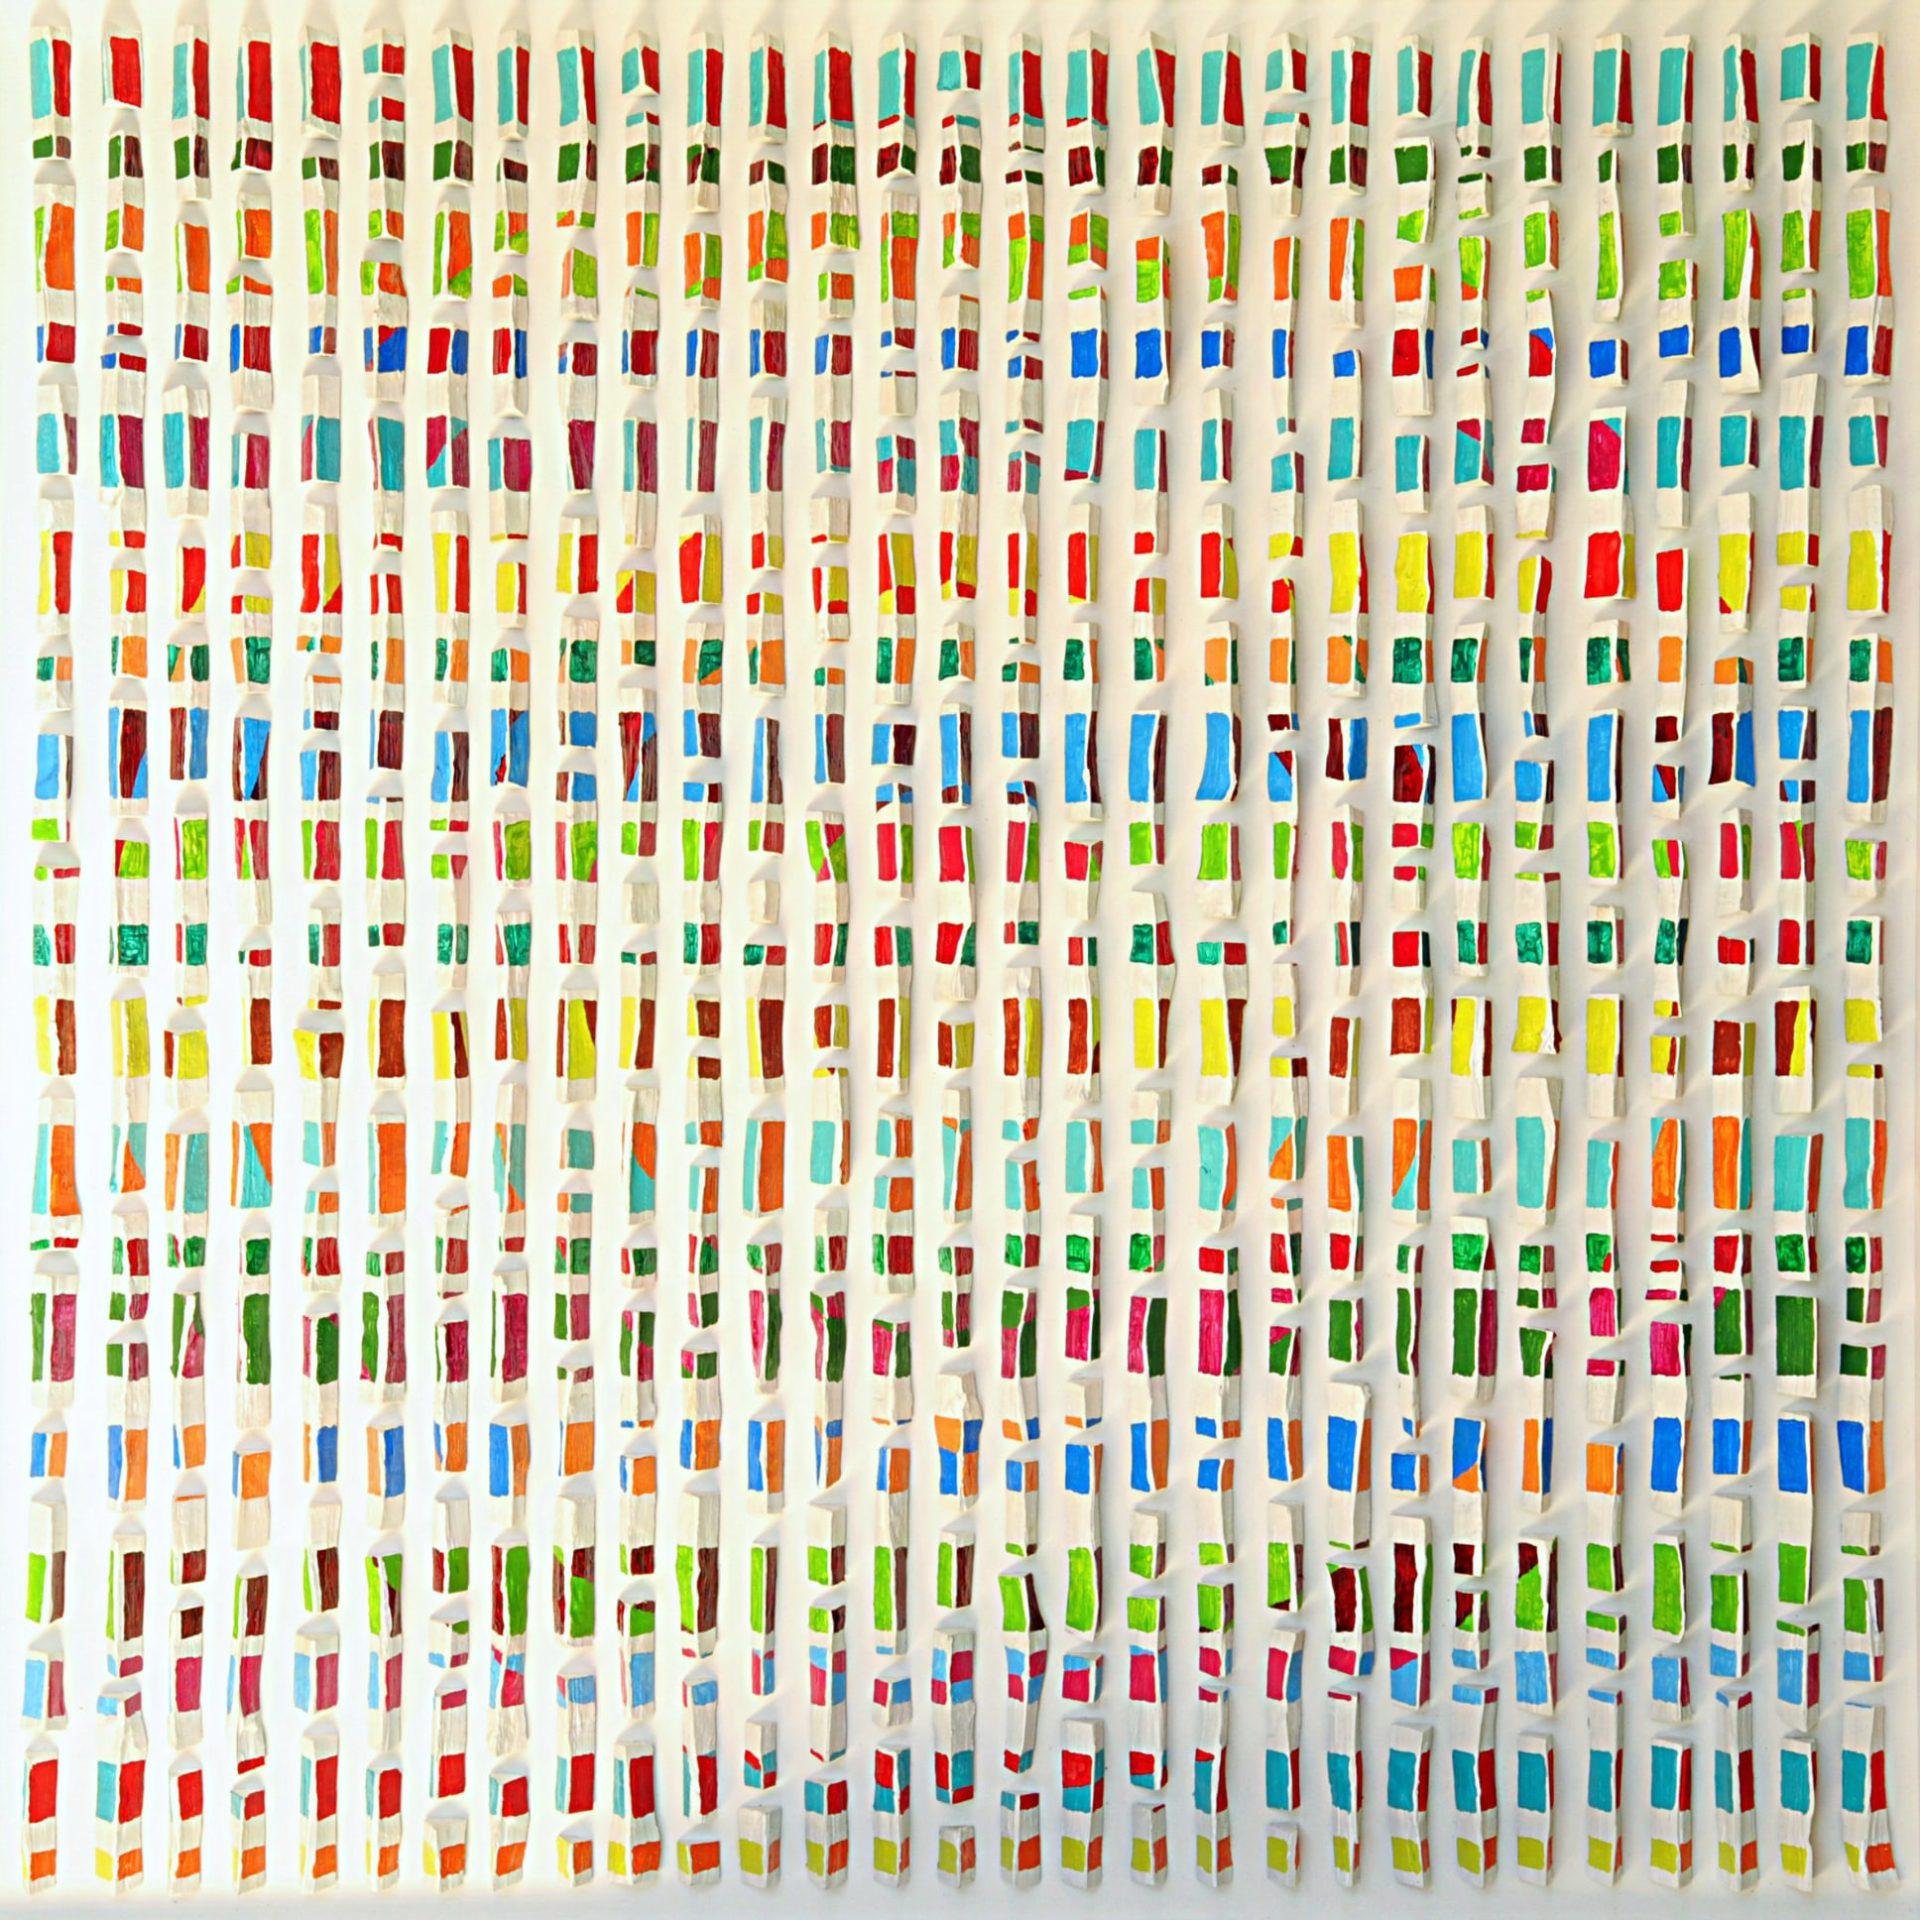 Bild 1,00 x 1,00m – Buchenholzachtel (2017) verk.